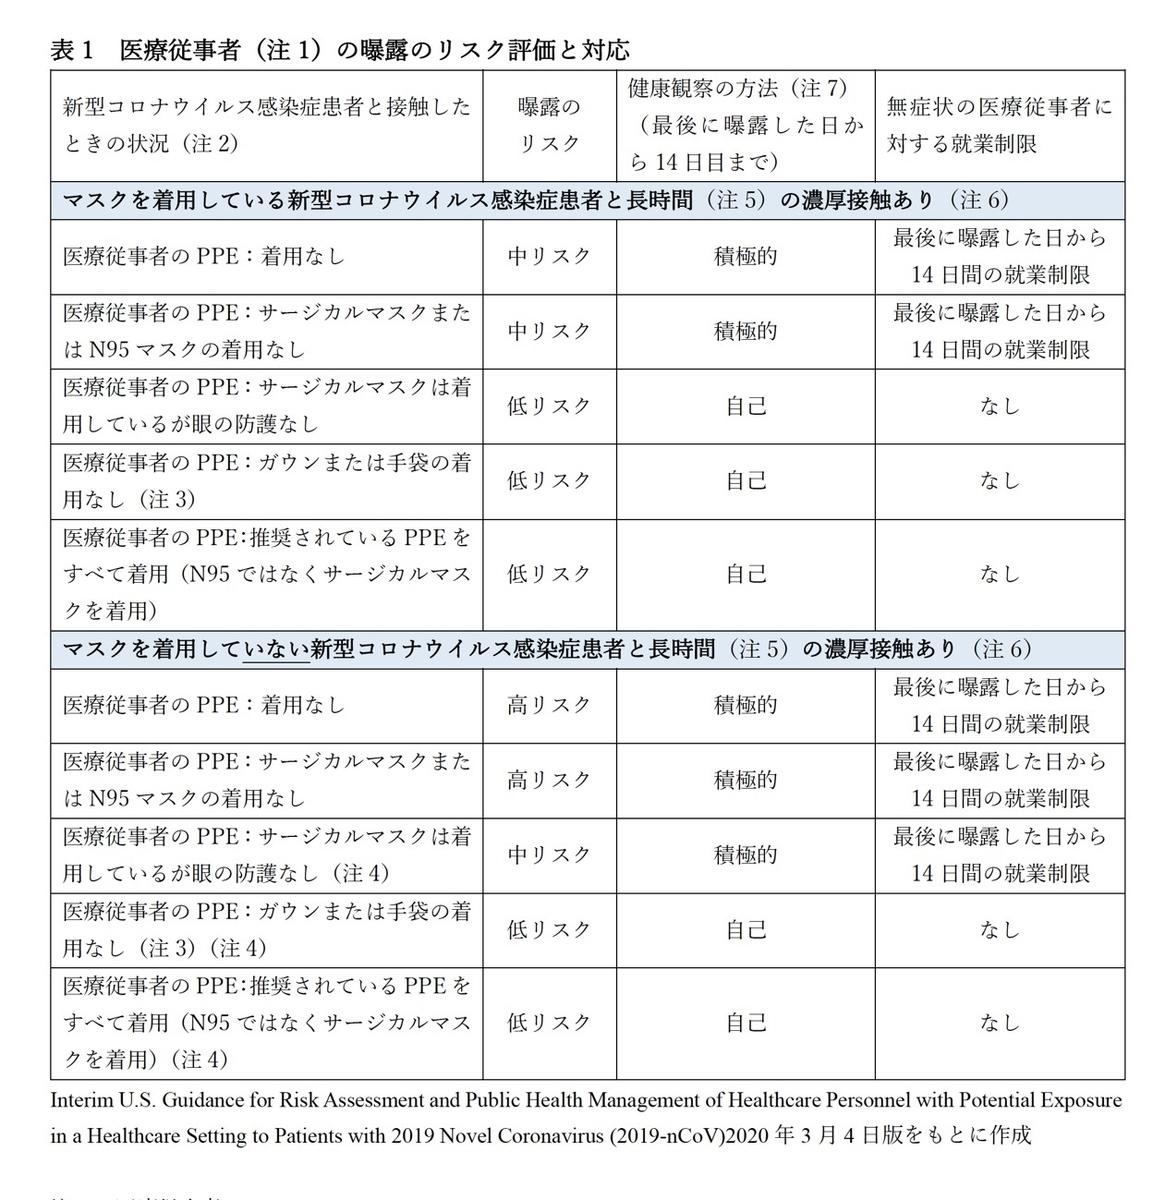 f:id:takehiro0405:20200416214955j:plain